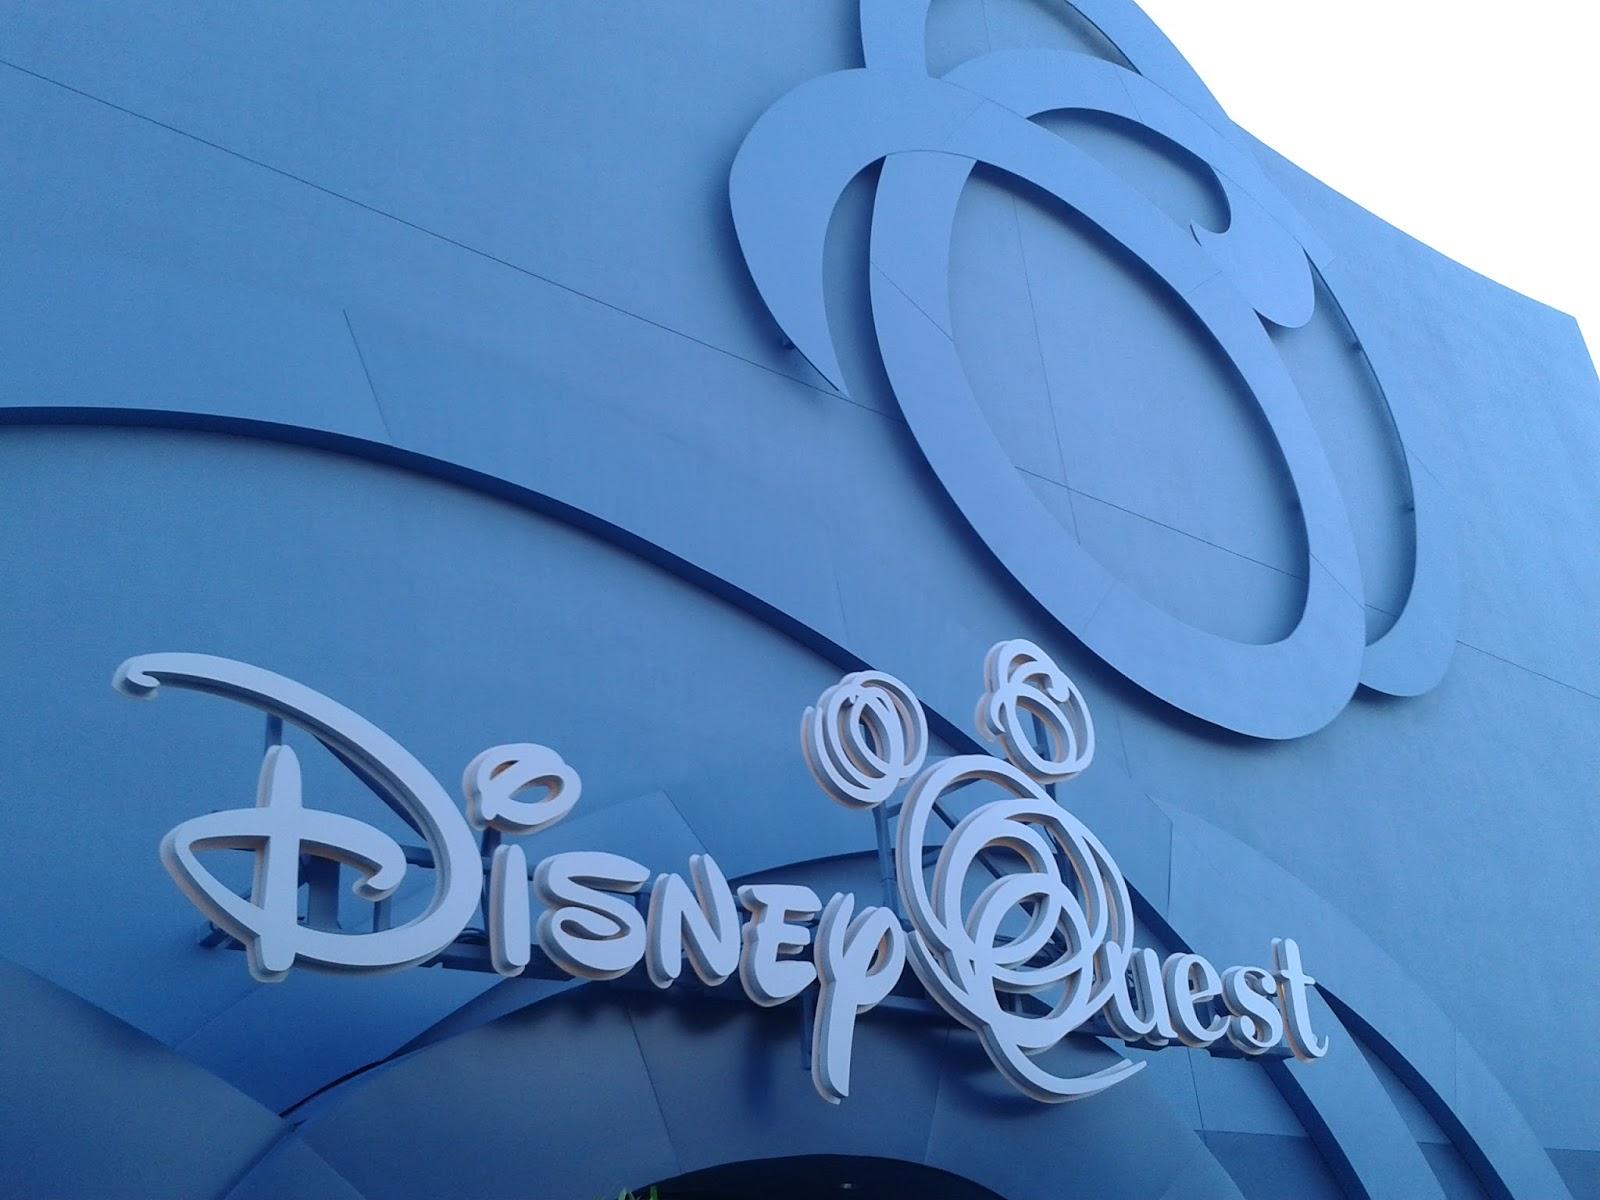 Downtown Disney Quest